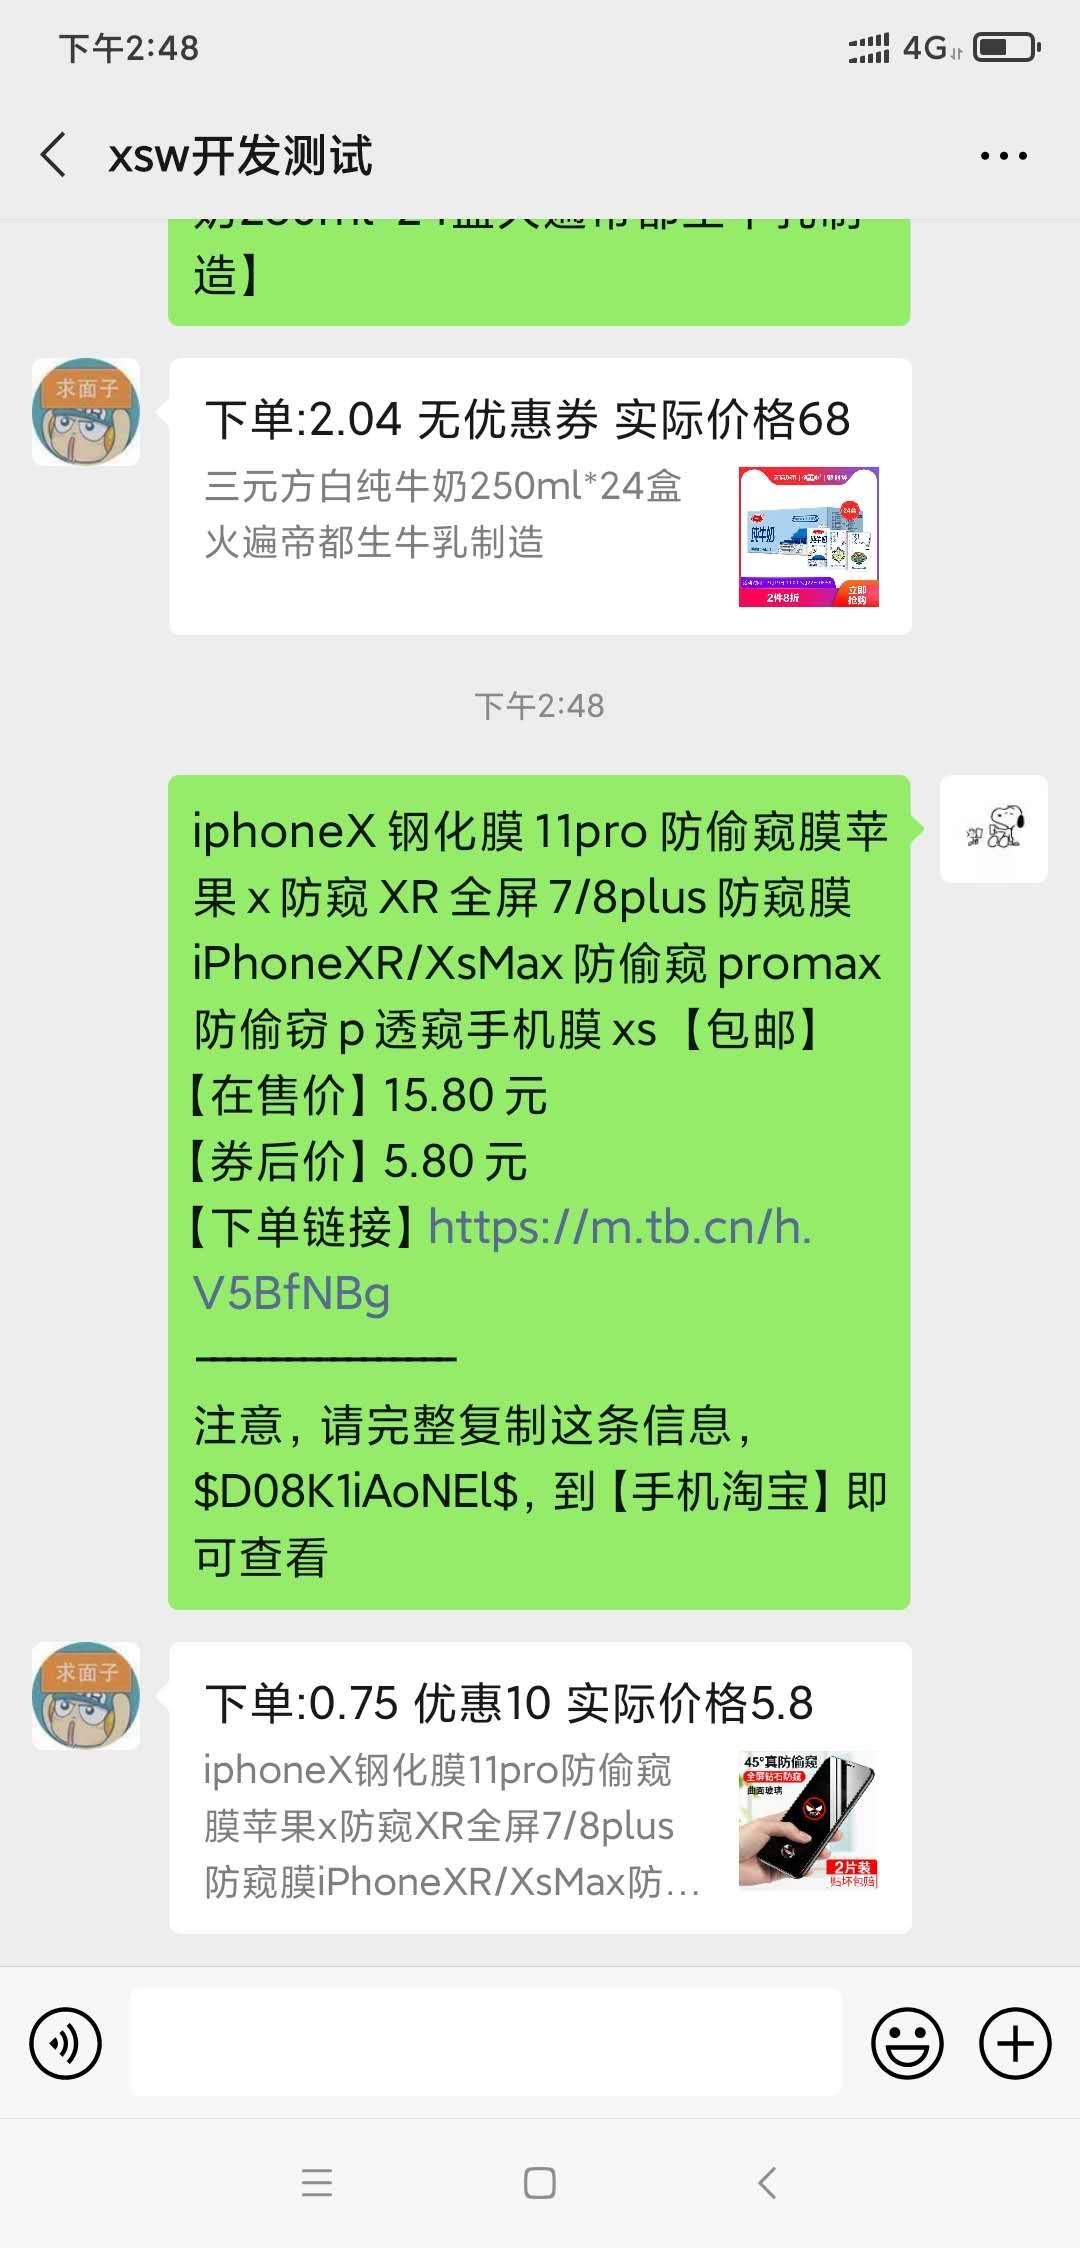 微信订阅号.jpg